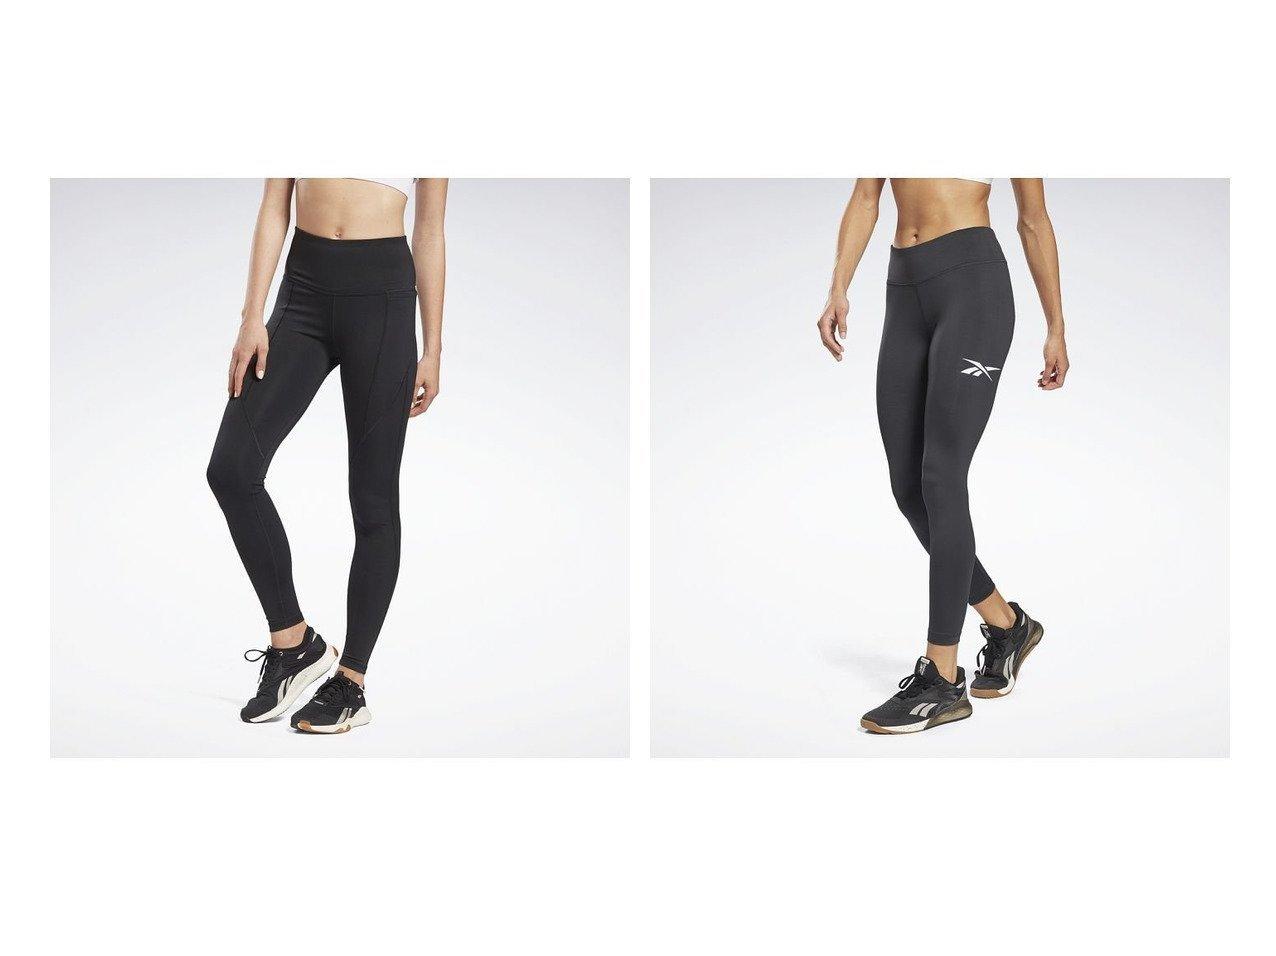 【Reebok/リーボック】のリニア ロゴ レギンス Linear Logo Leggings&ワークアウト レディ パント プログラム ハイ ライズ レギンス Workout Ready Pant Program High Rise Leggings スポーツ・ヨガウェア、運動・ダイエットグッズなどのおすすめ!人気ファッション通販 おすすめで人気の流行・トレンド、ファッションの通販商品 メンズファッション・キッズファッション・インテリア・家具・レディースファッション・服の通販 founy(ファニー) https://founy.com/ ファッション Fashion レディースファッション WOMEN パンツ Pants レギンス Leggings タイツ Tights NEW・新作・新着・新入荷 New Arrivals タイツ レギンス ワーク |ID:crp329100000023826